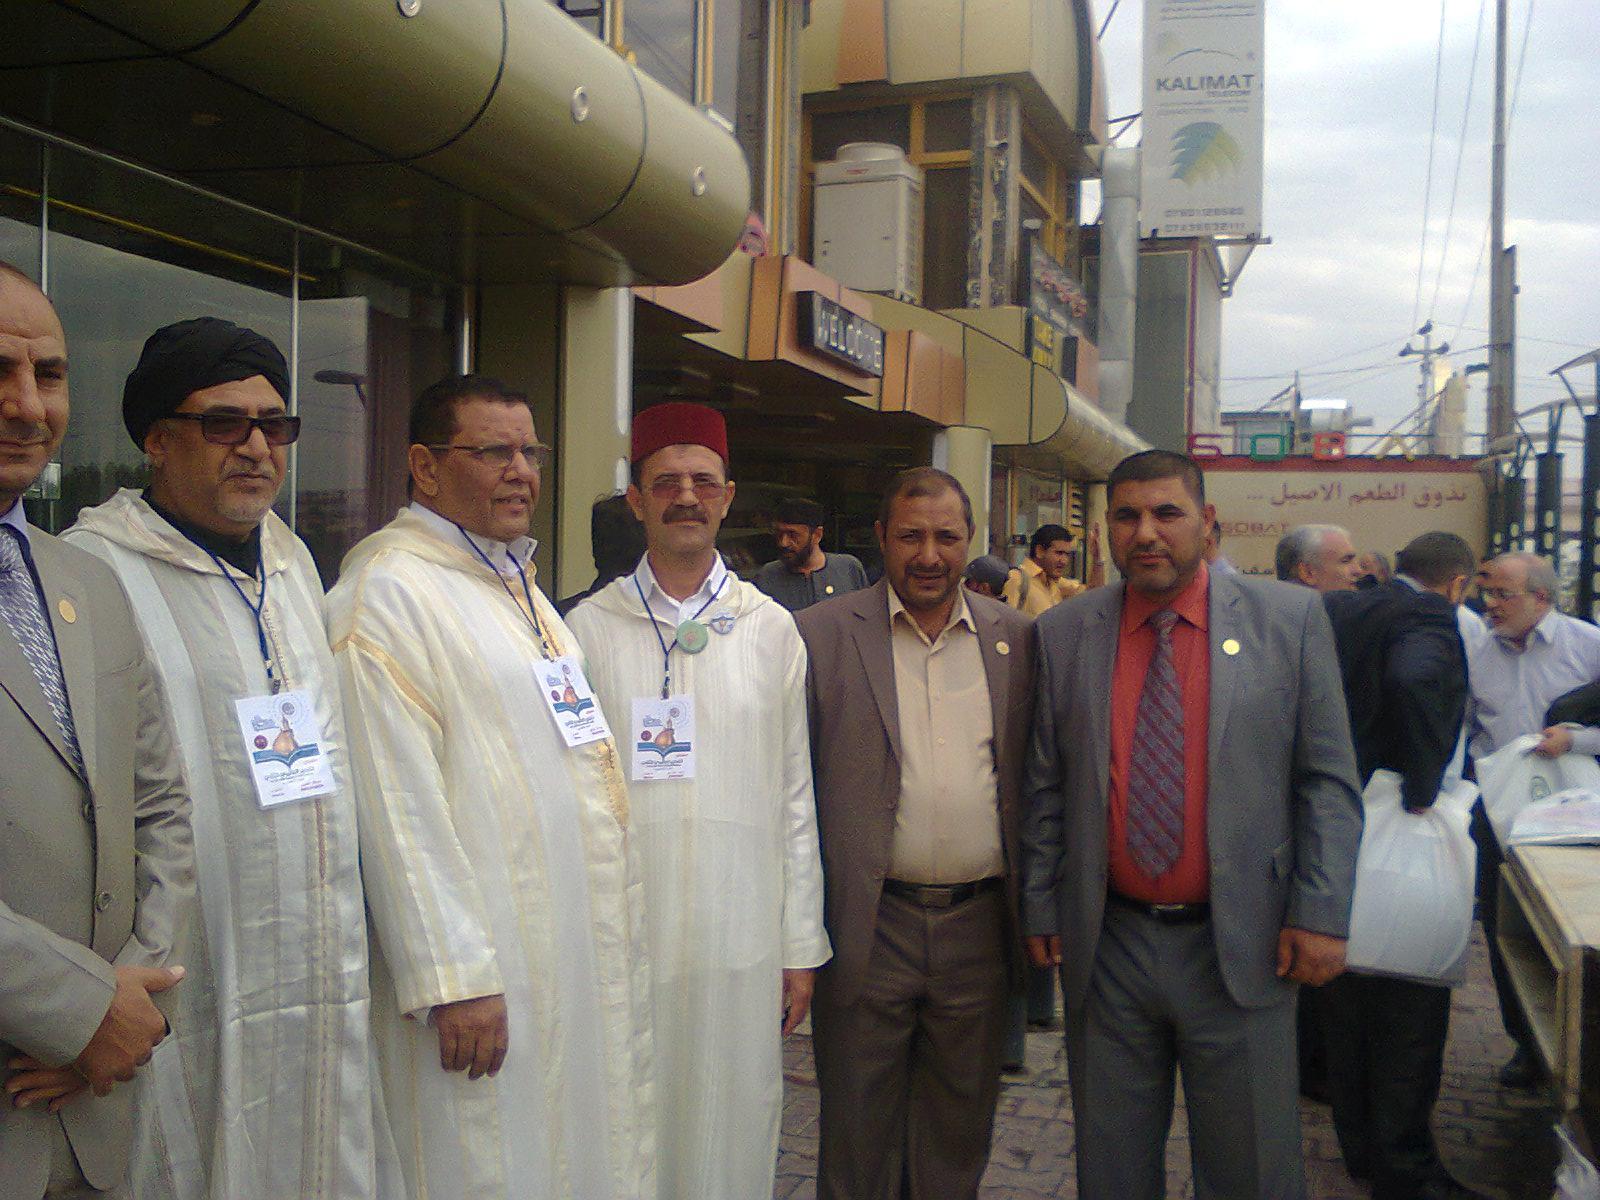 صور من مهرجان الغدير العالمي الثاني 194713322